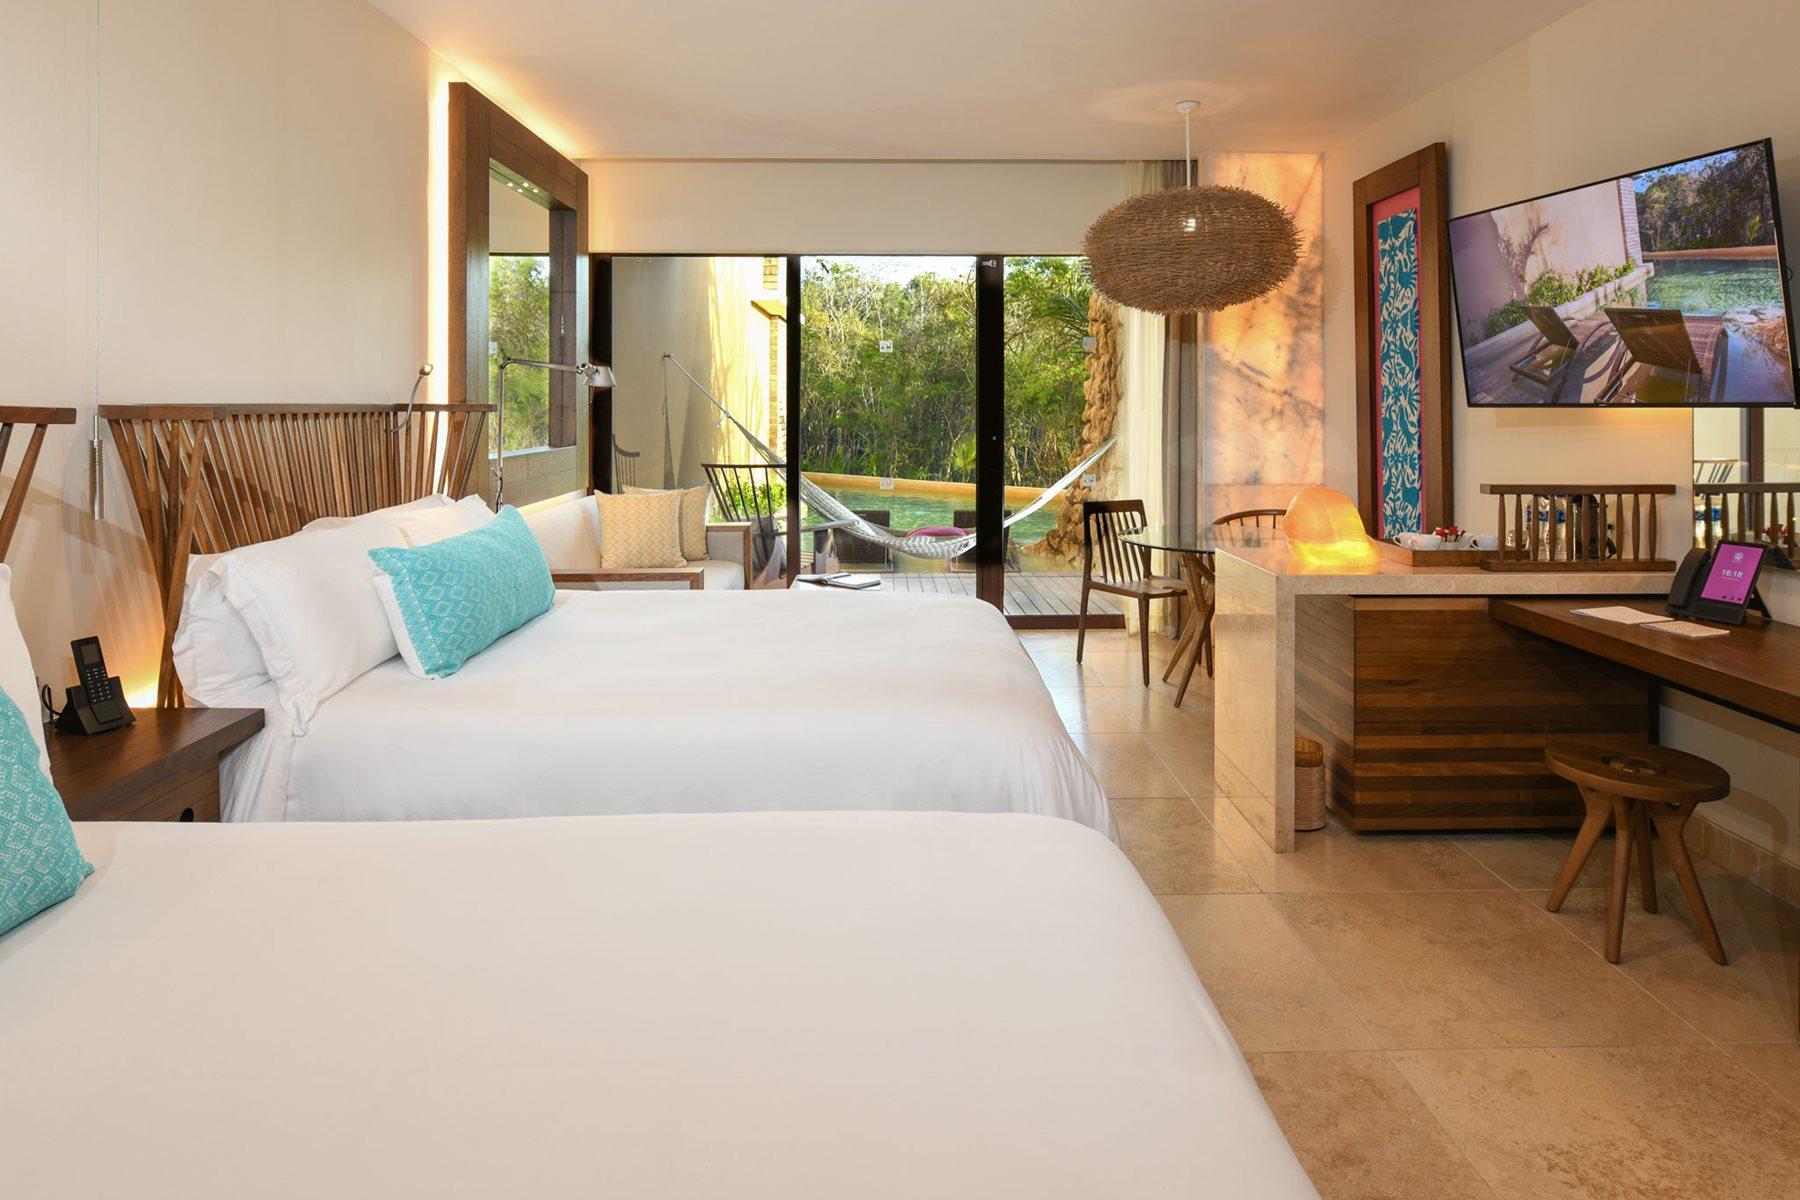 RIV-Hotel-Xcaret-Room-Swim-Up-Garden-004